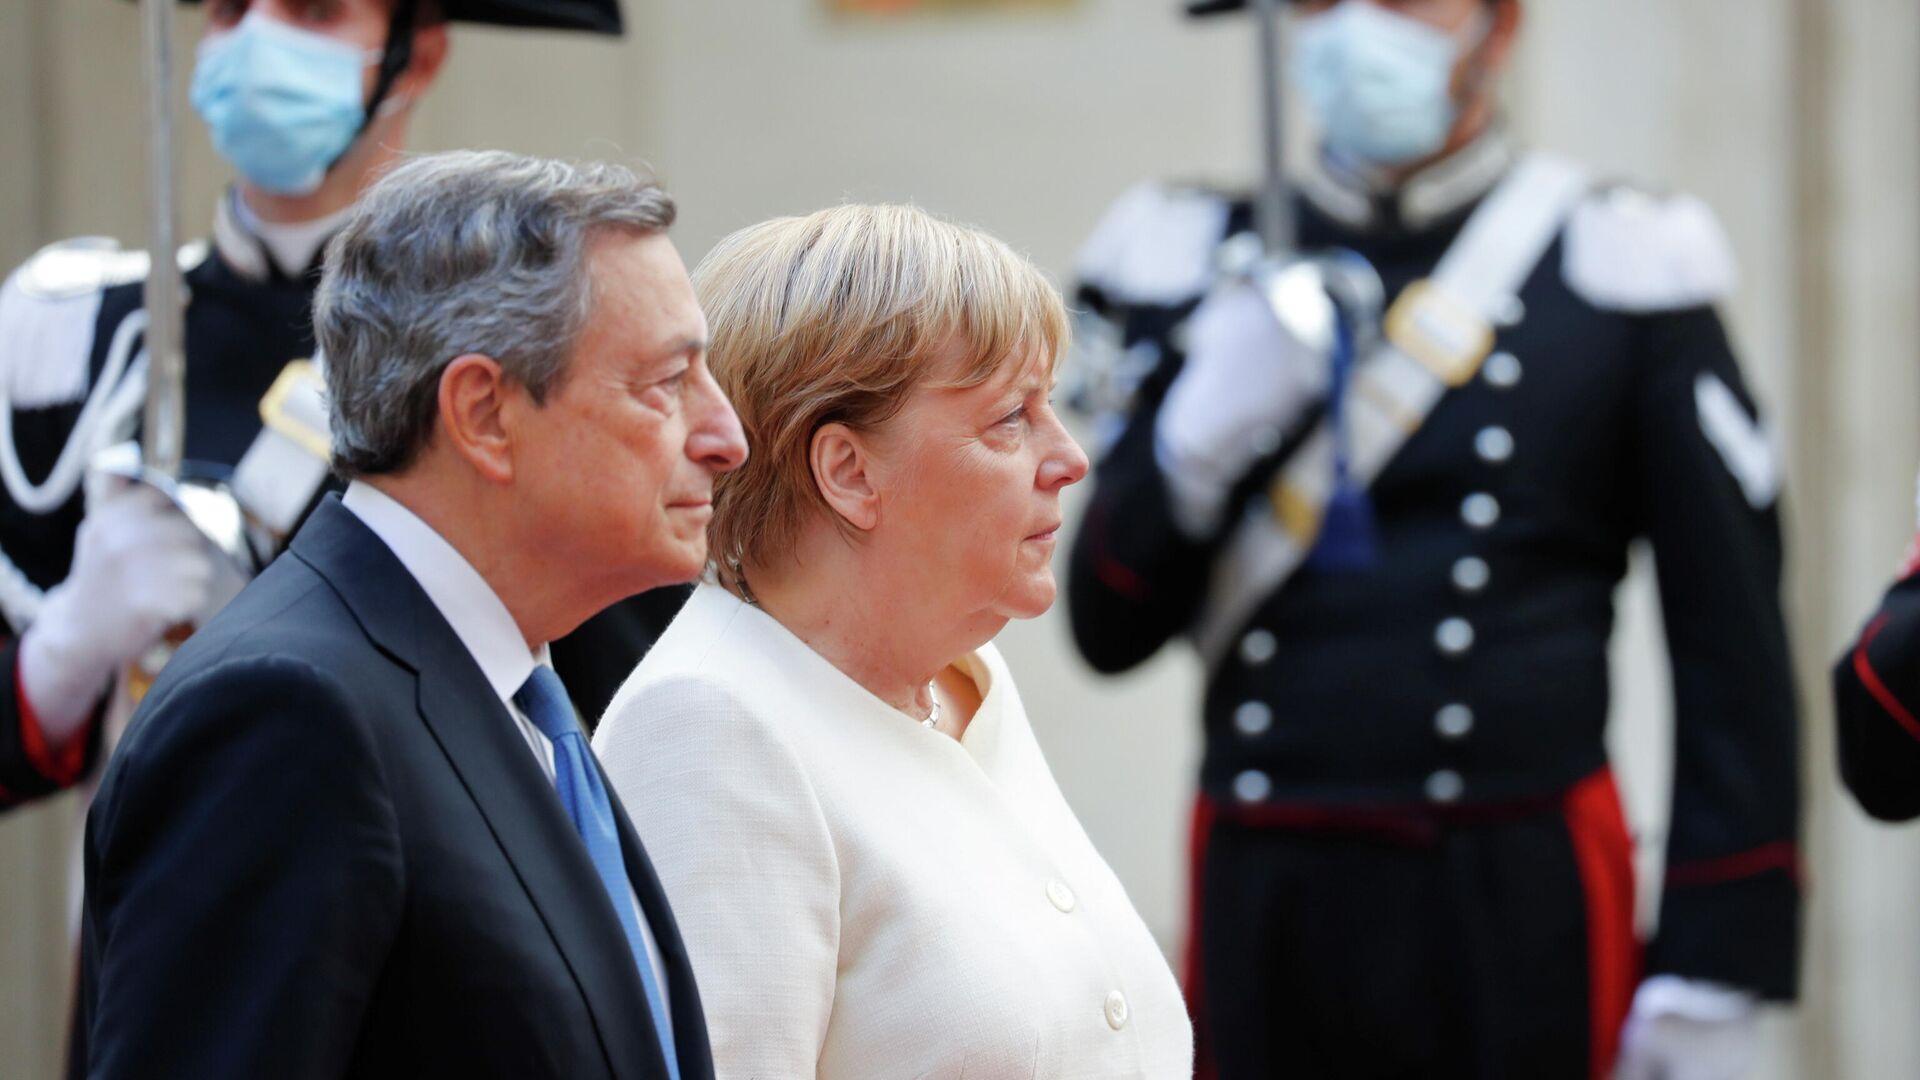 Pressekonferenz von Merkel und Draghi am 7. Oktober 2021 - SNA, 1920, 07.10.2021